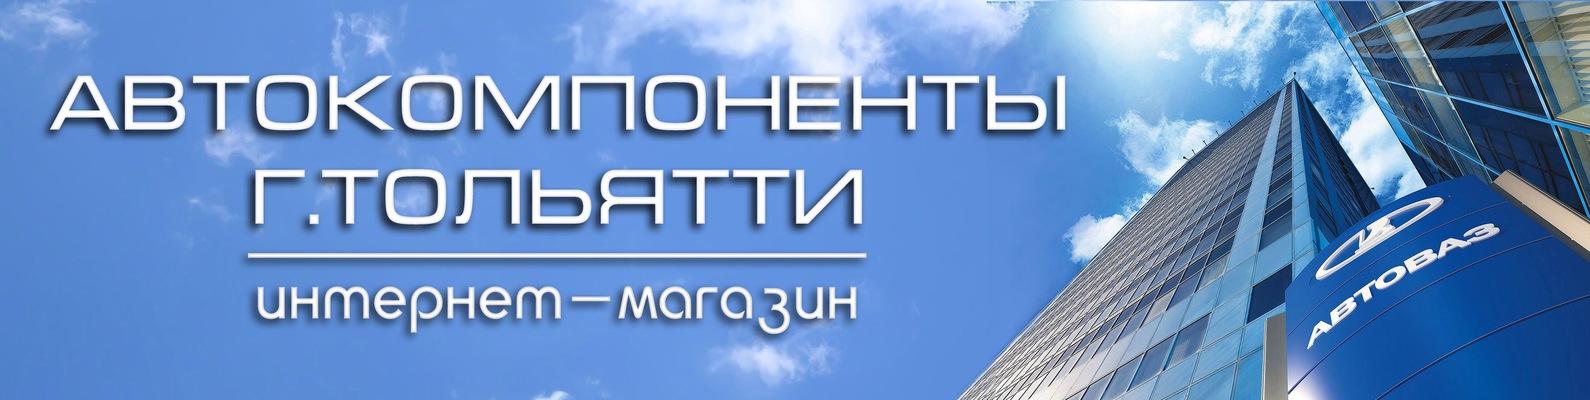 Автокомпоненты Тольятти Интернет Магазин Официальный